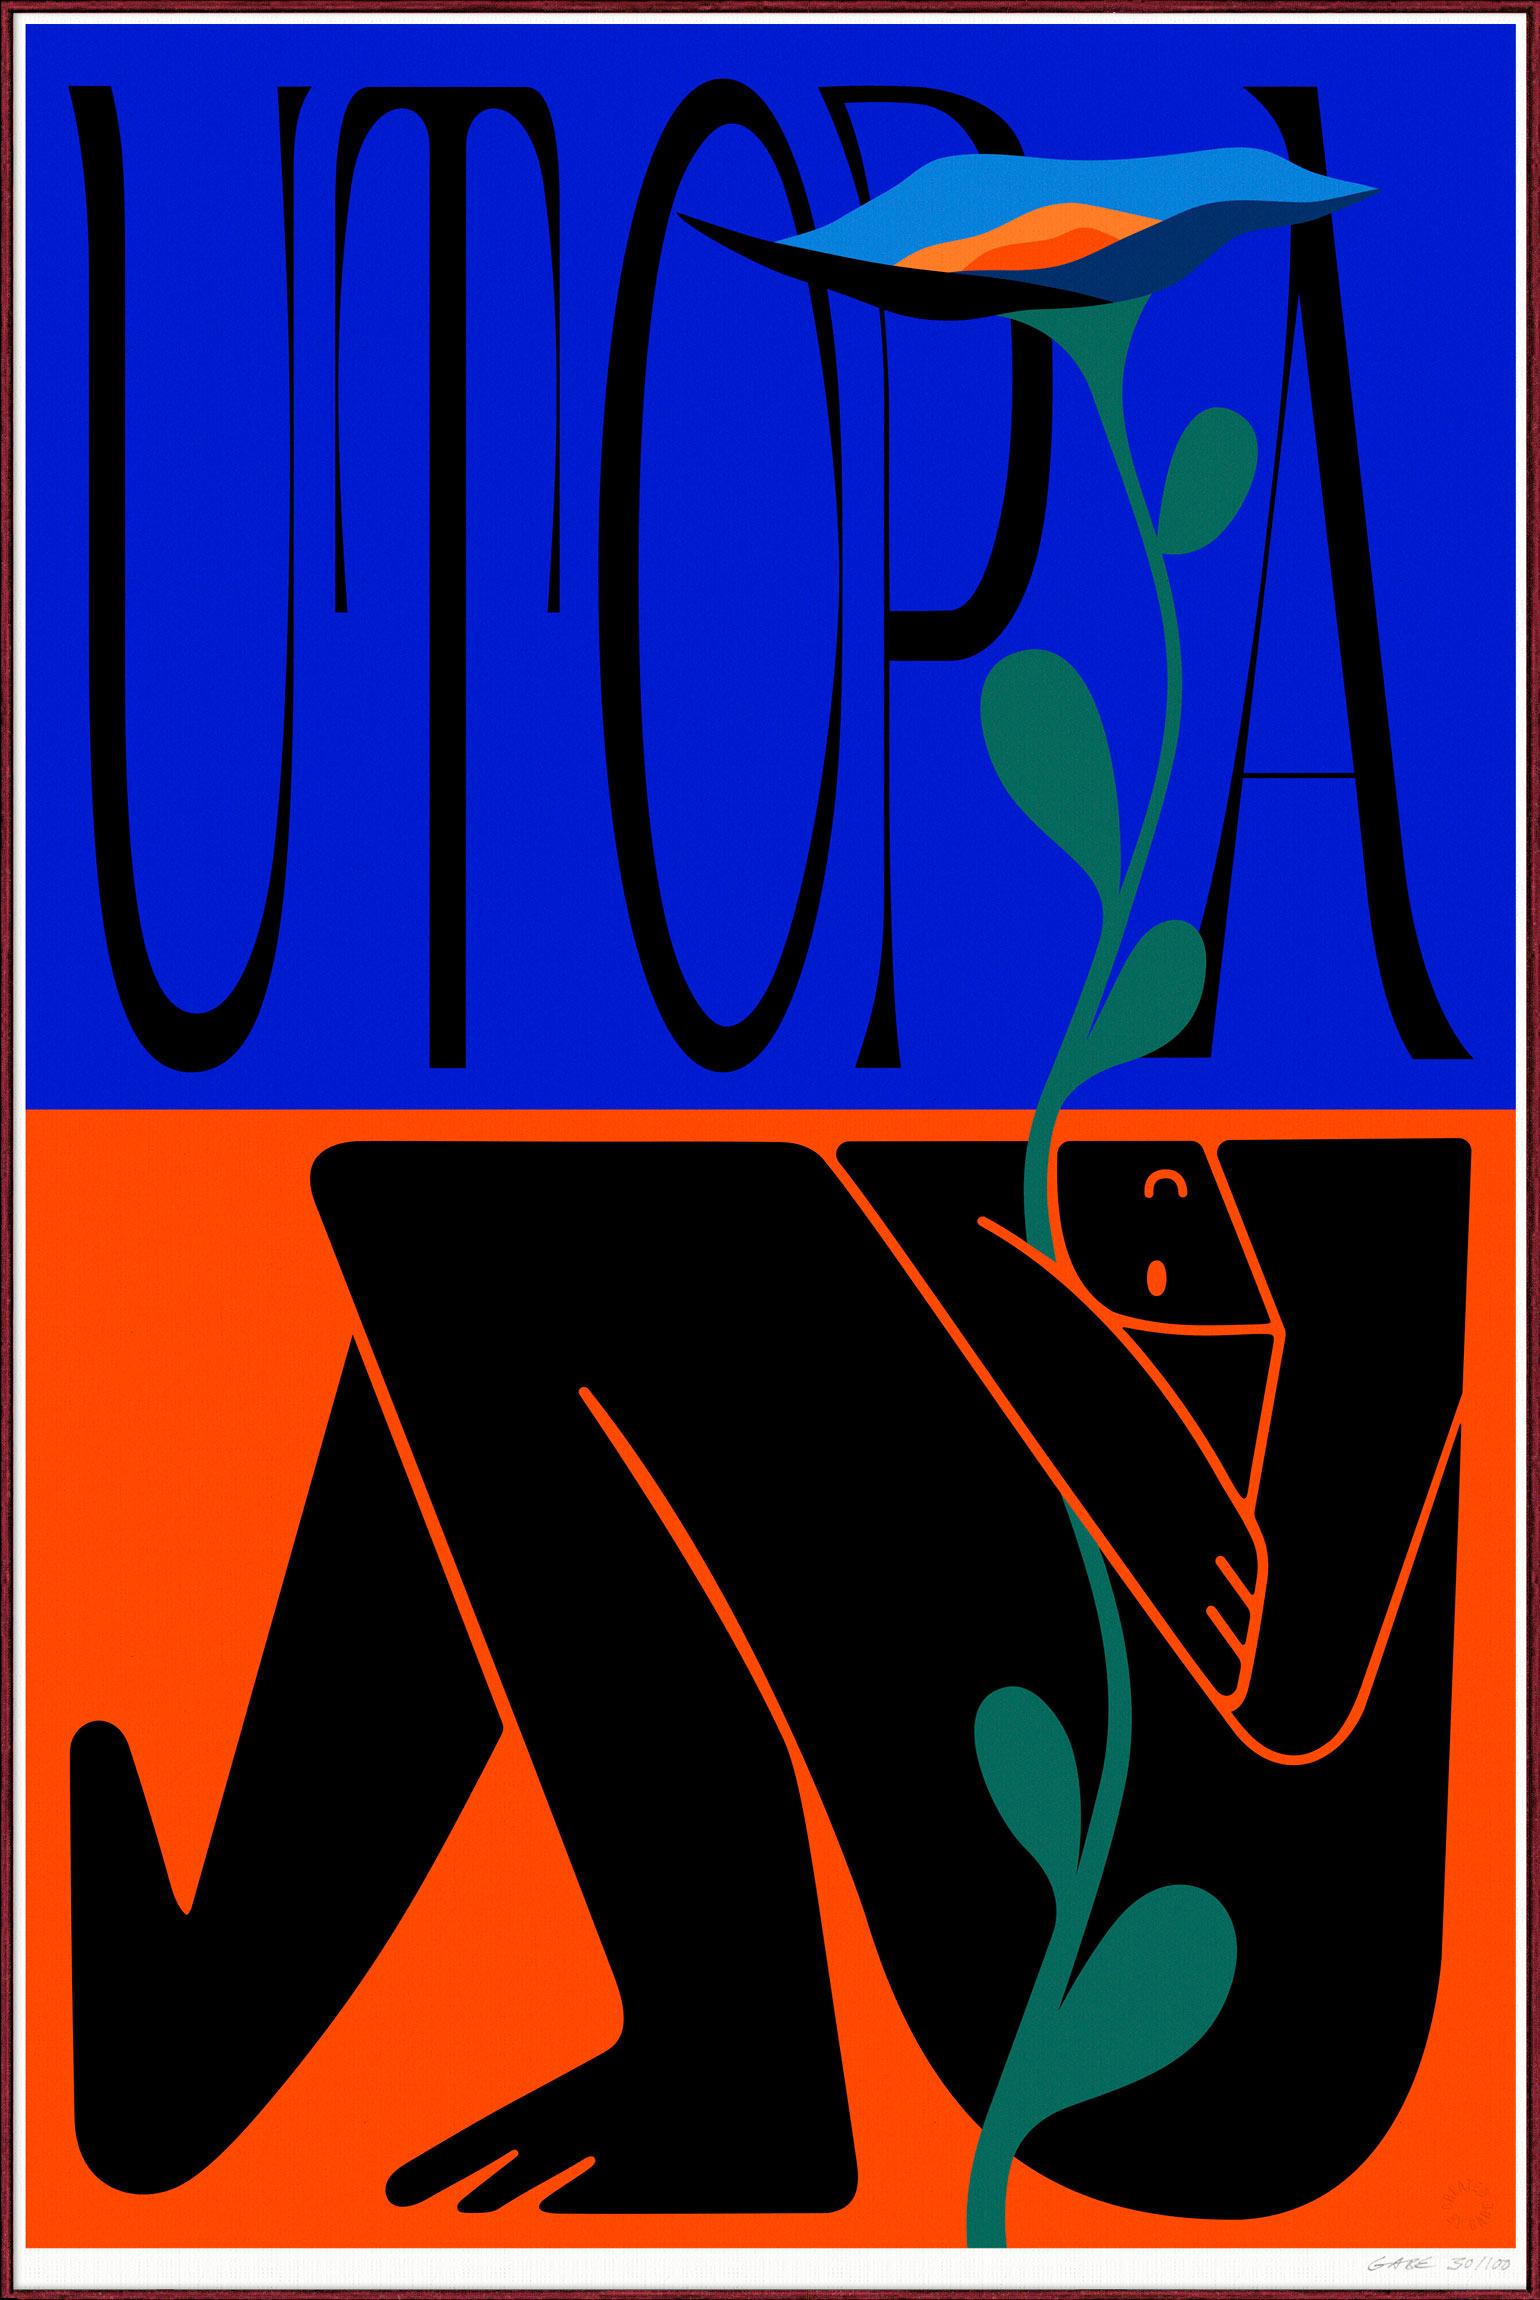 Gabe_Frame_Utopia